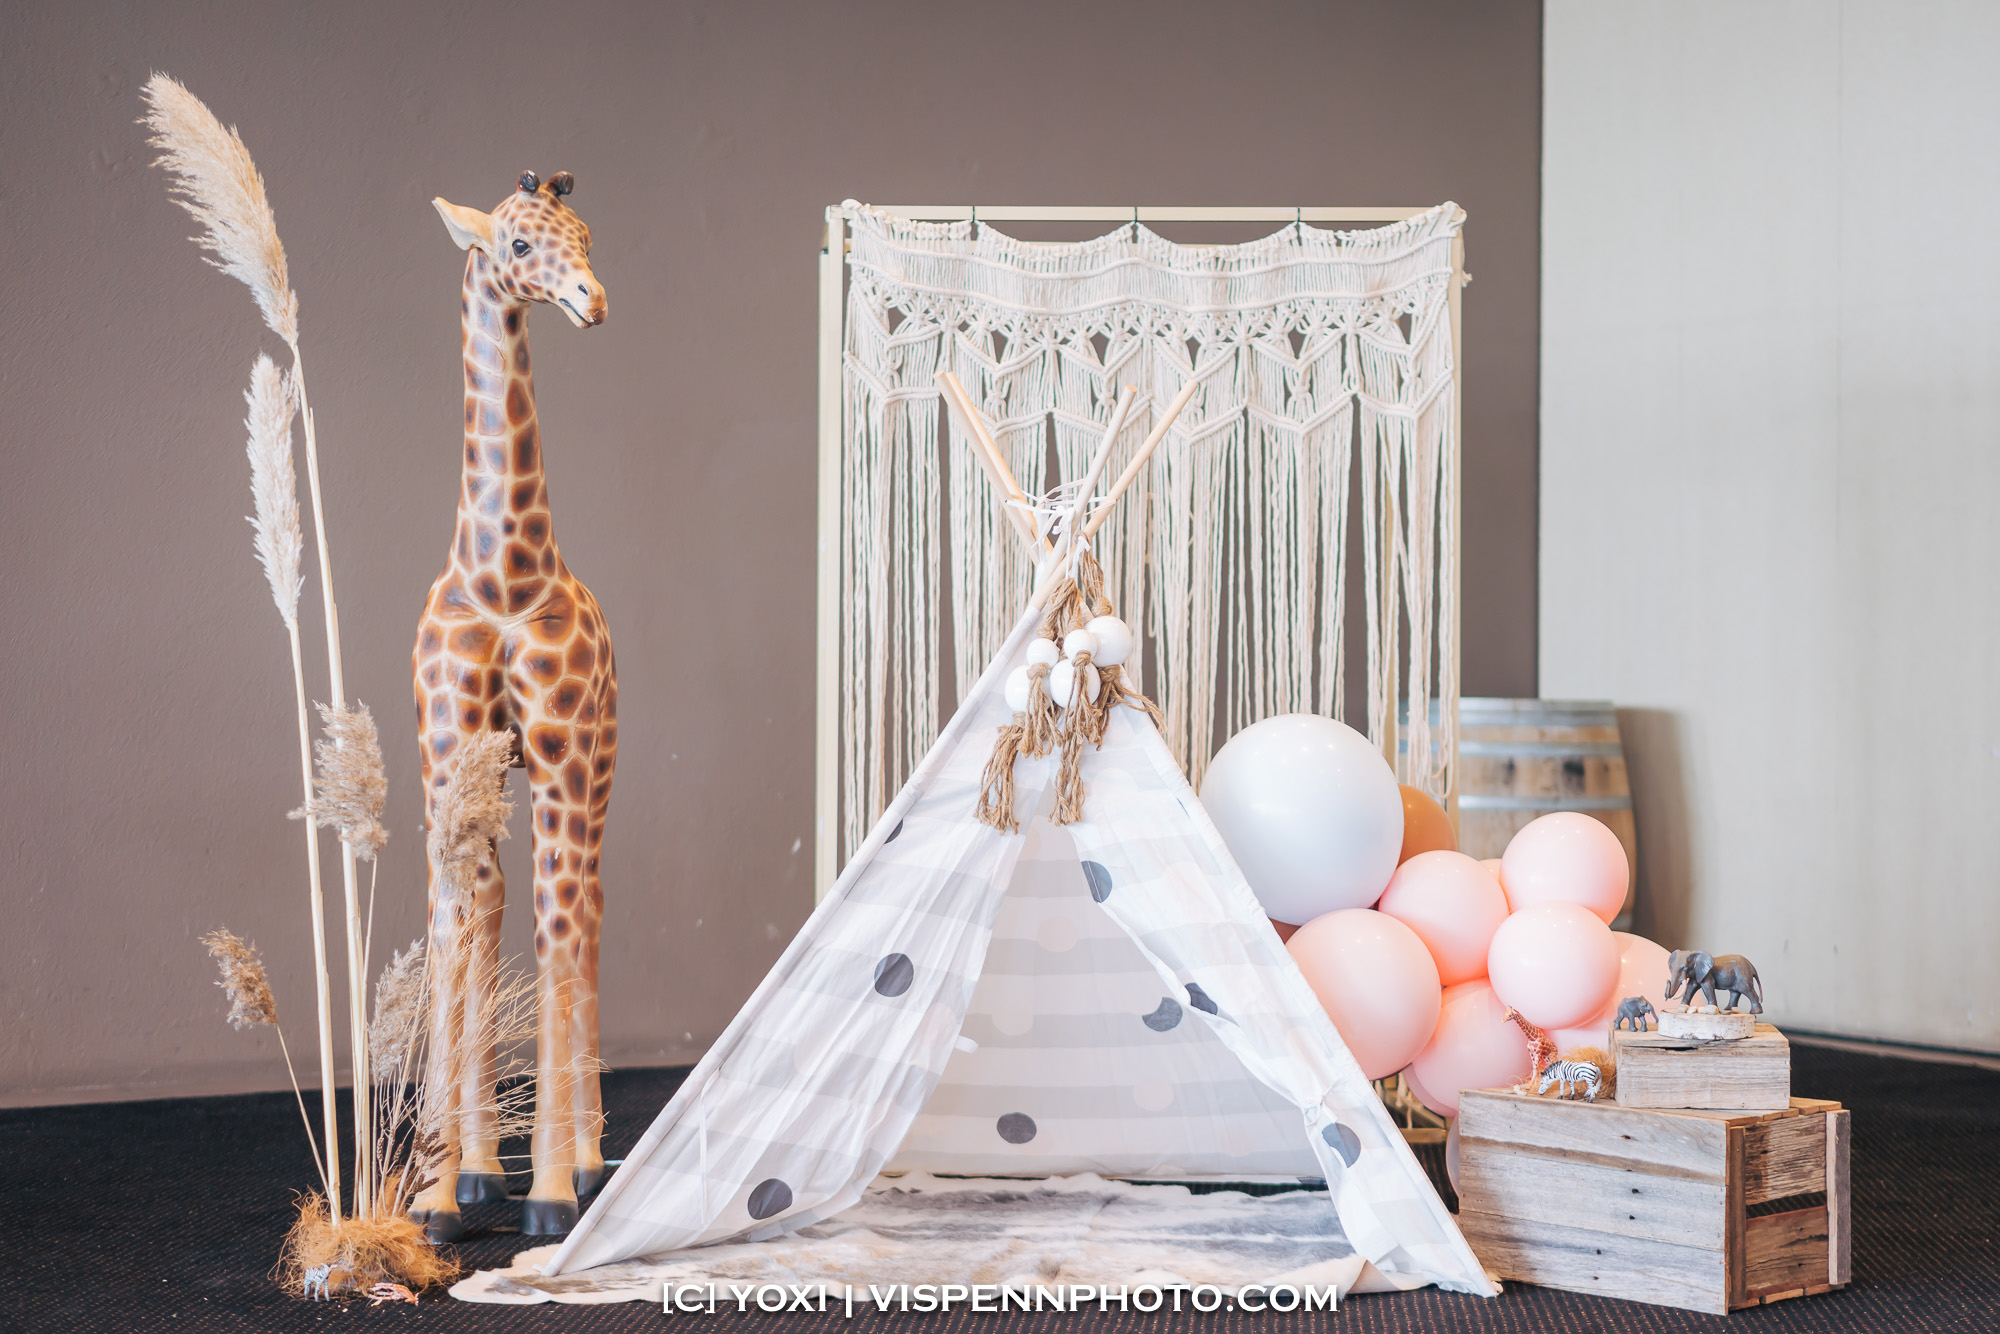 Melbourne Baby Family Birthday Party Photographer 墨尔本 百日宴 满月宴 周岁宴 摄影 VISPENN VISPENN 0045